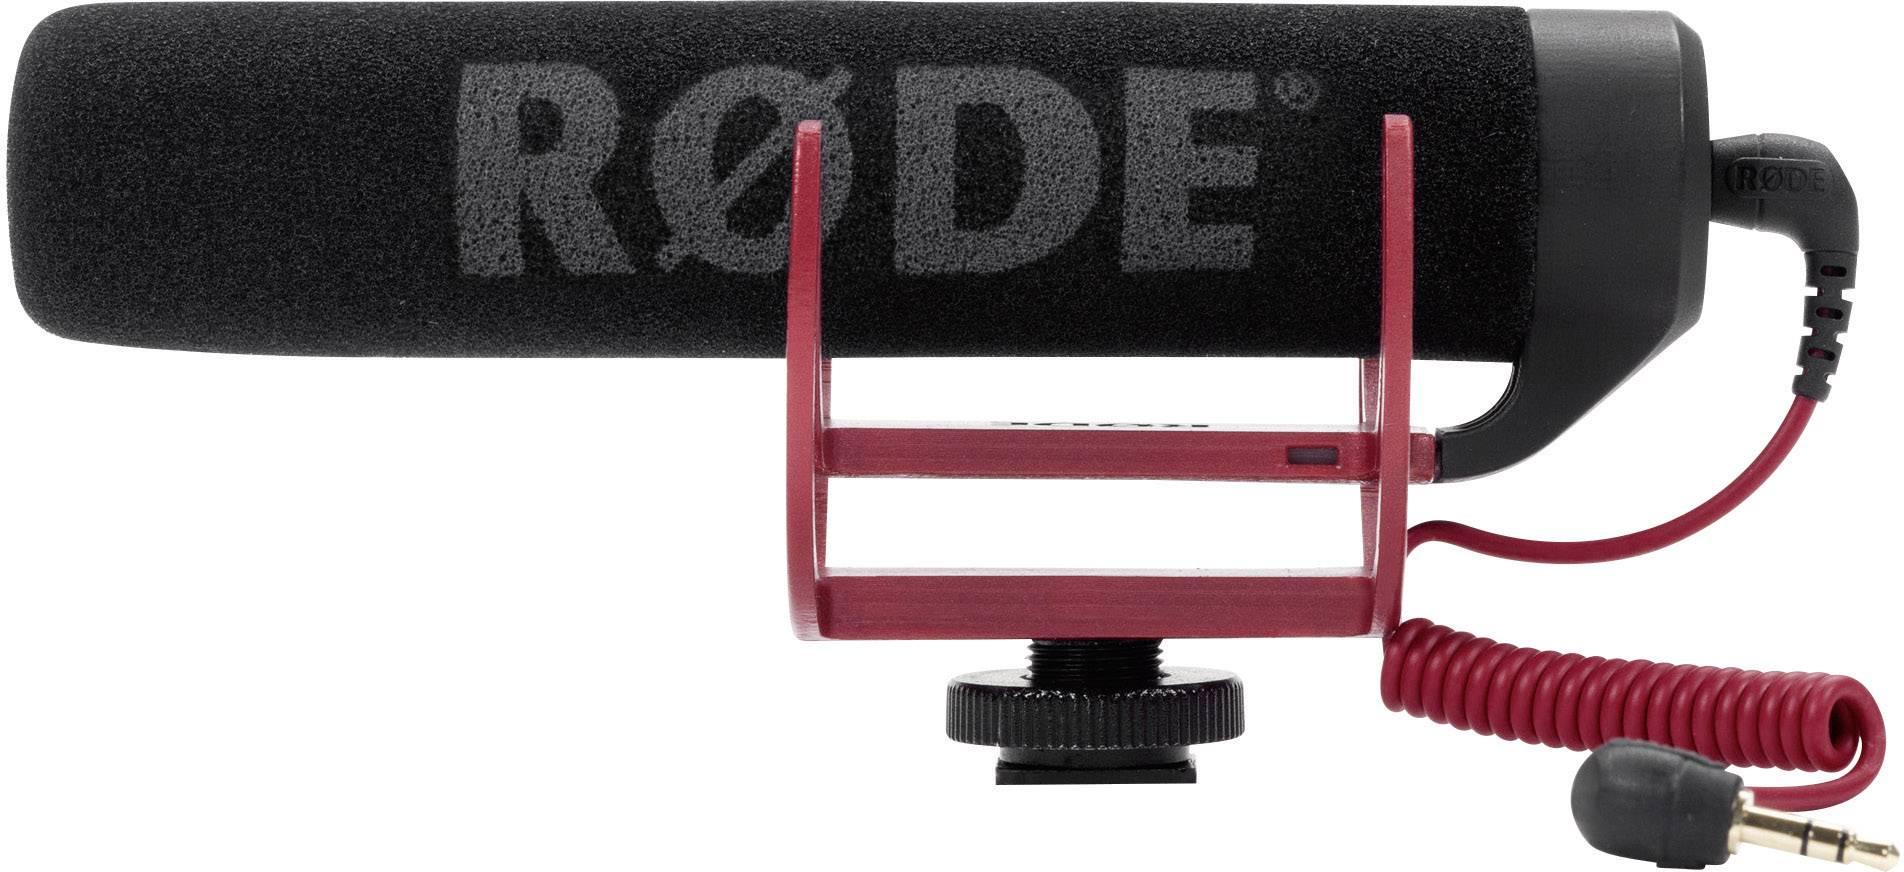 Přímý kamerový mikrofon RODE Microphones VideoMic GO